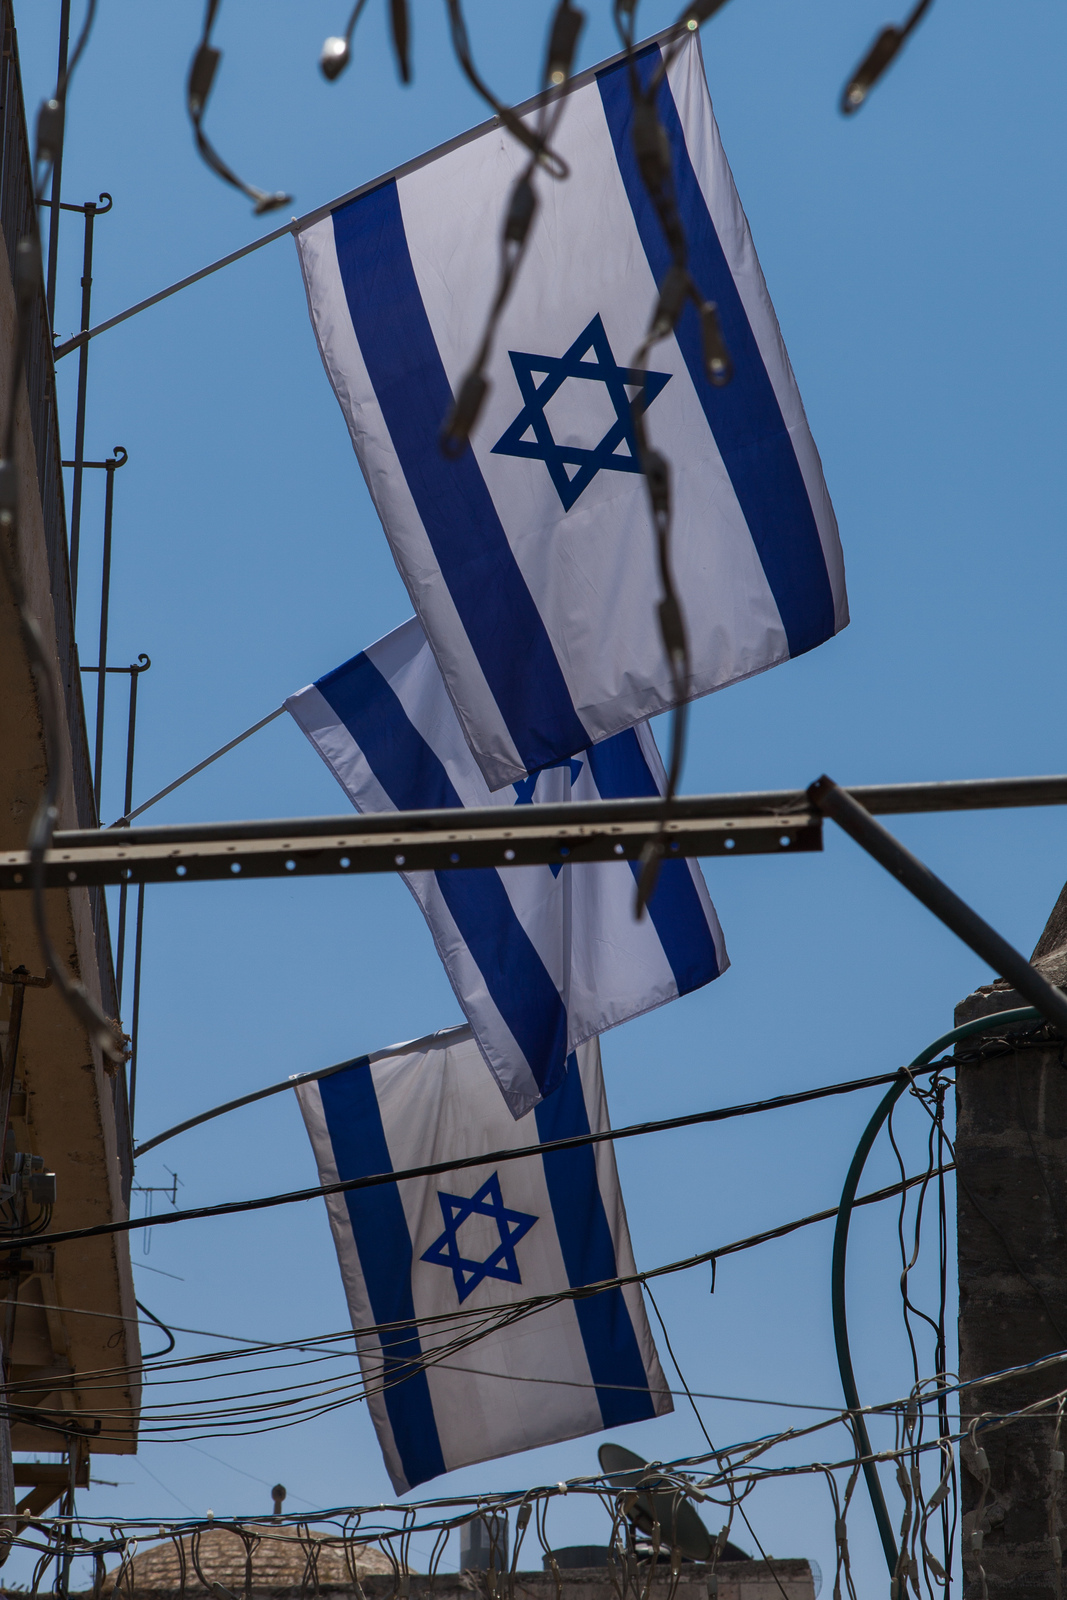 トランプ「エルサレム宣言」でイスラエル企業との連携はどうなる?